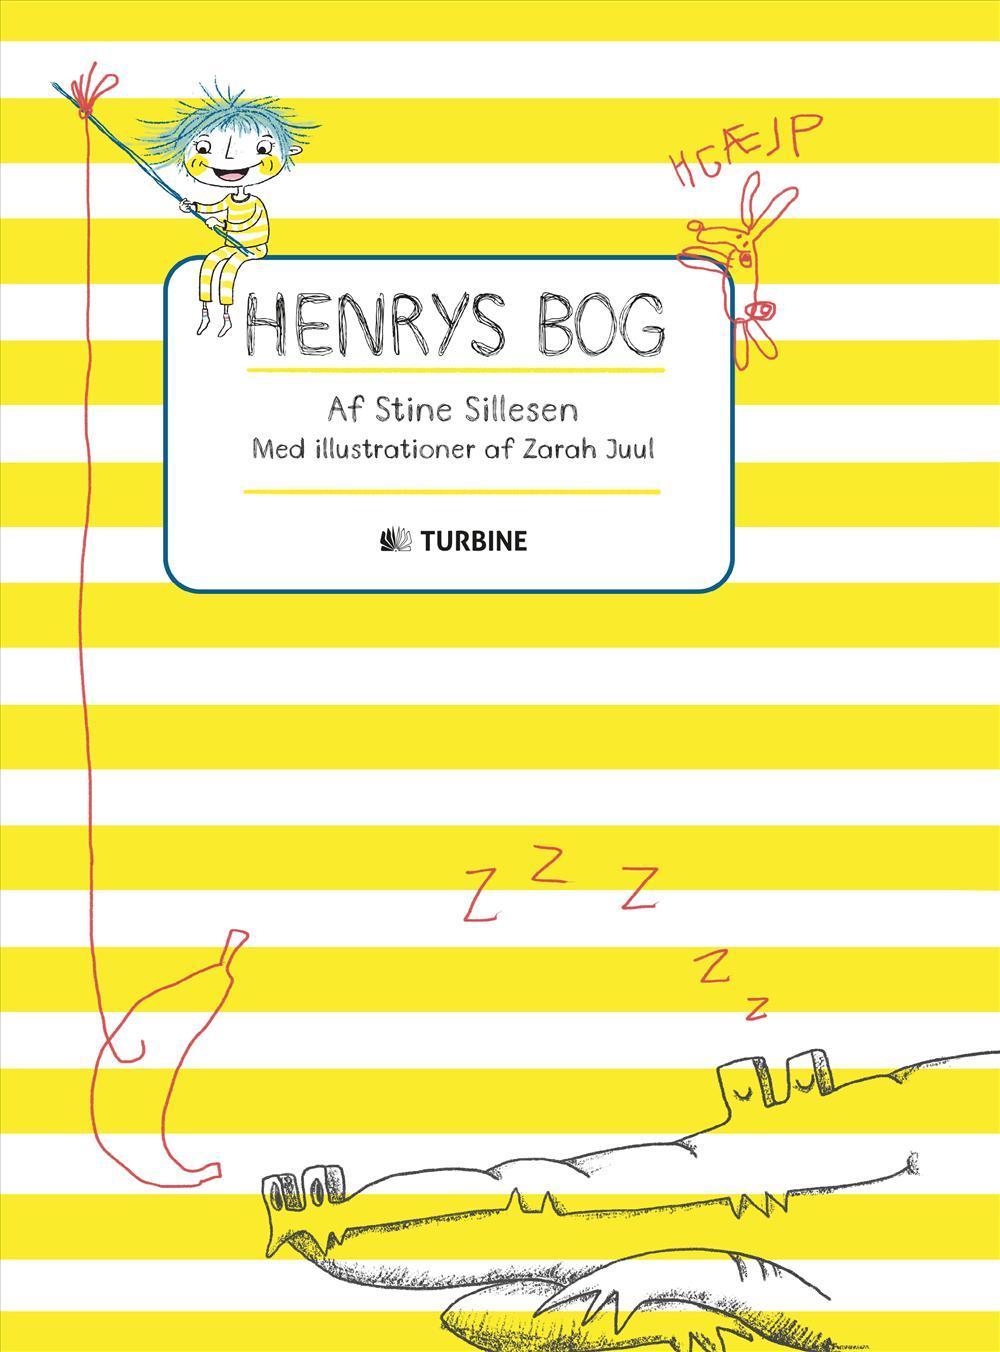 Henrys bog - Stine Sillesen - Bøger - Turbine - 9788740613490 - 10/8-2017